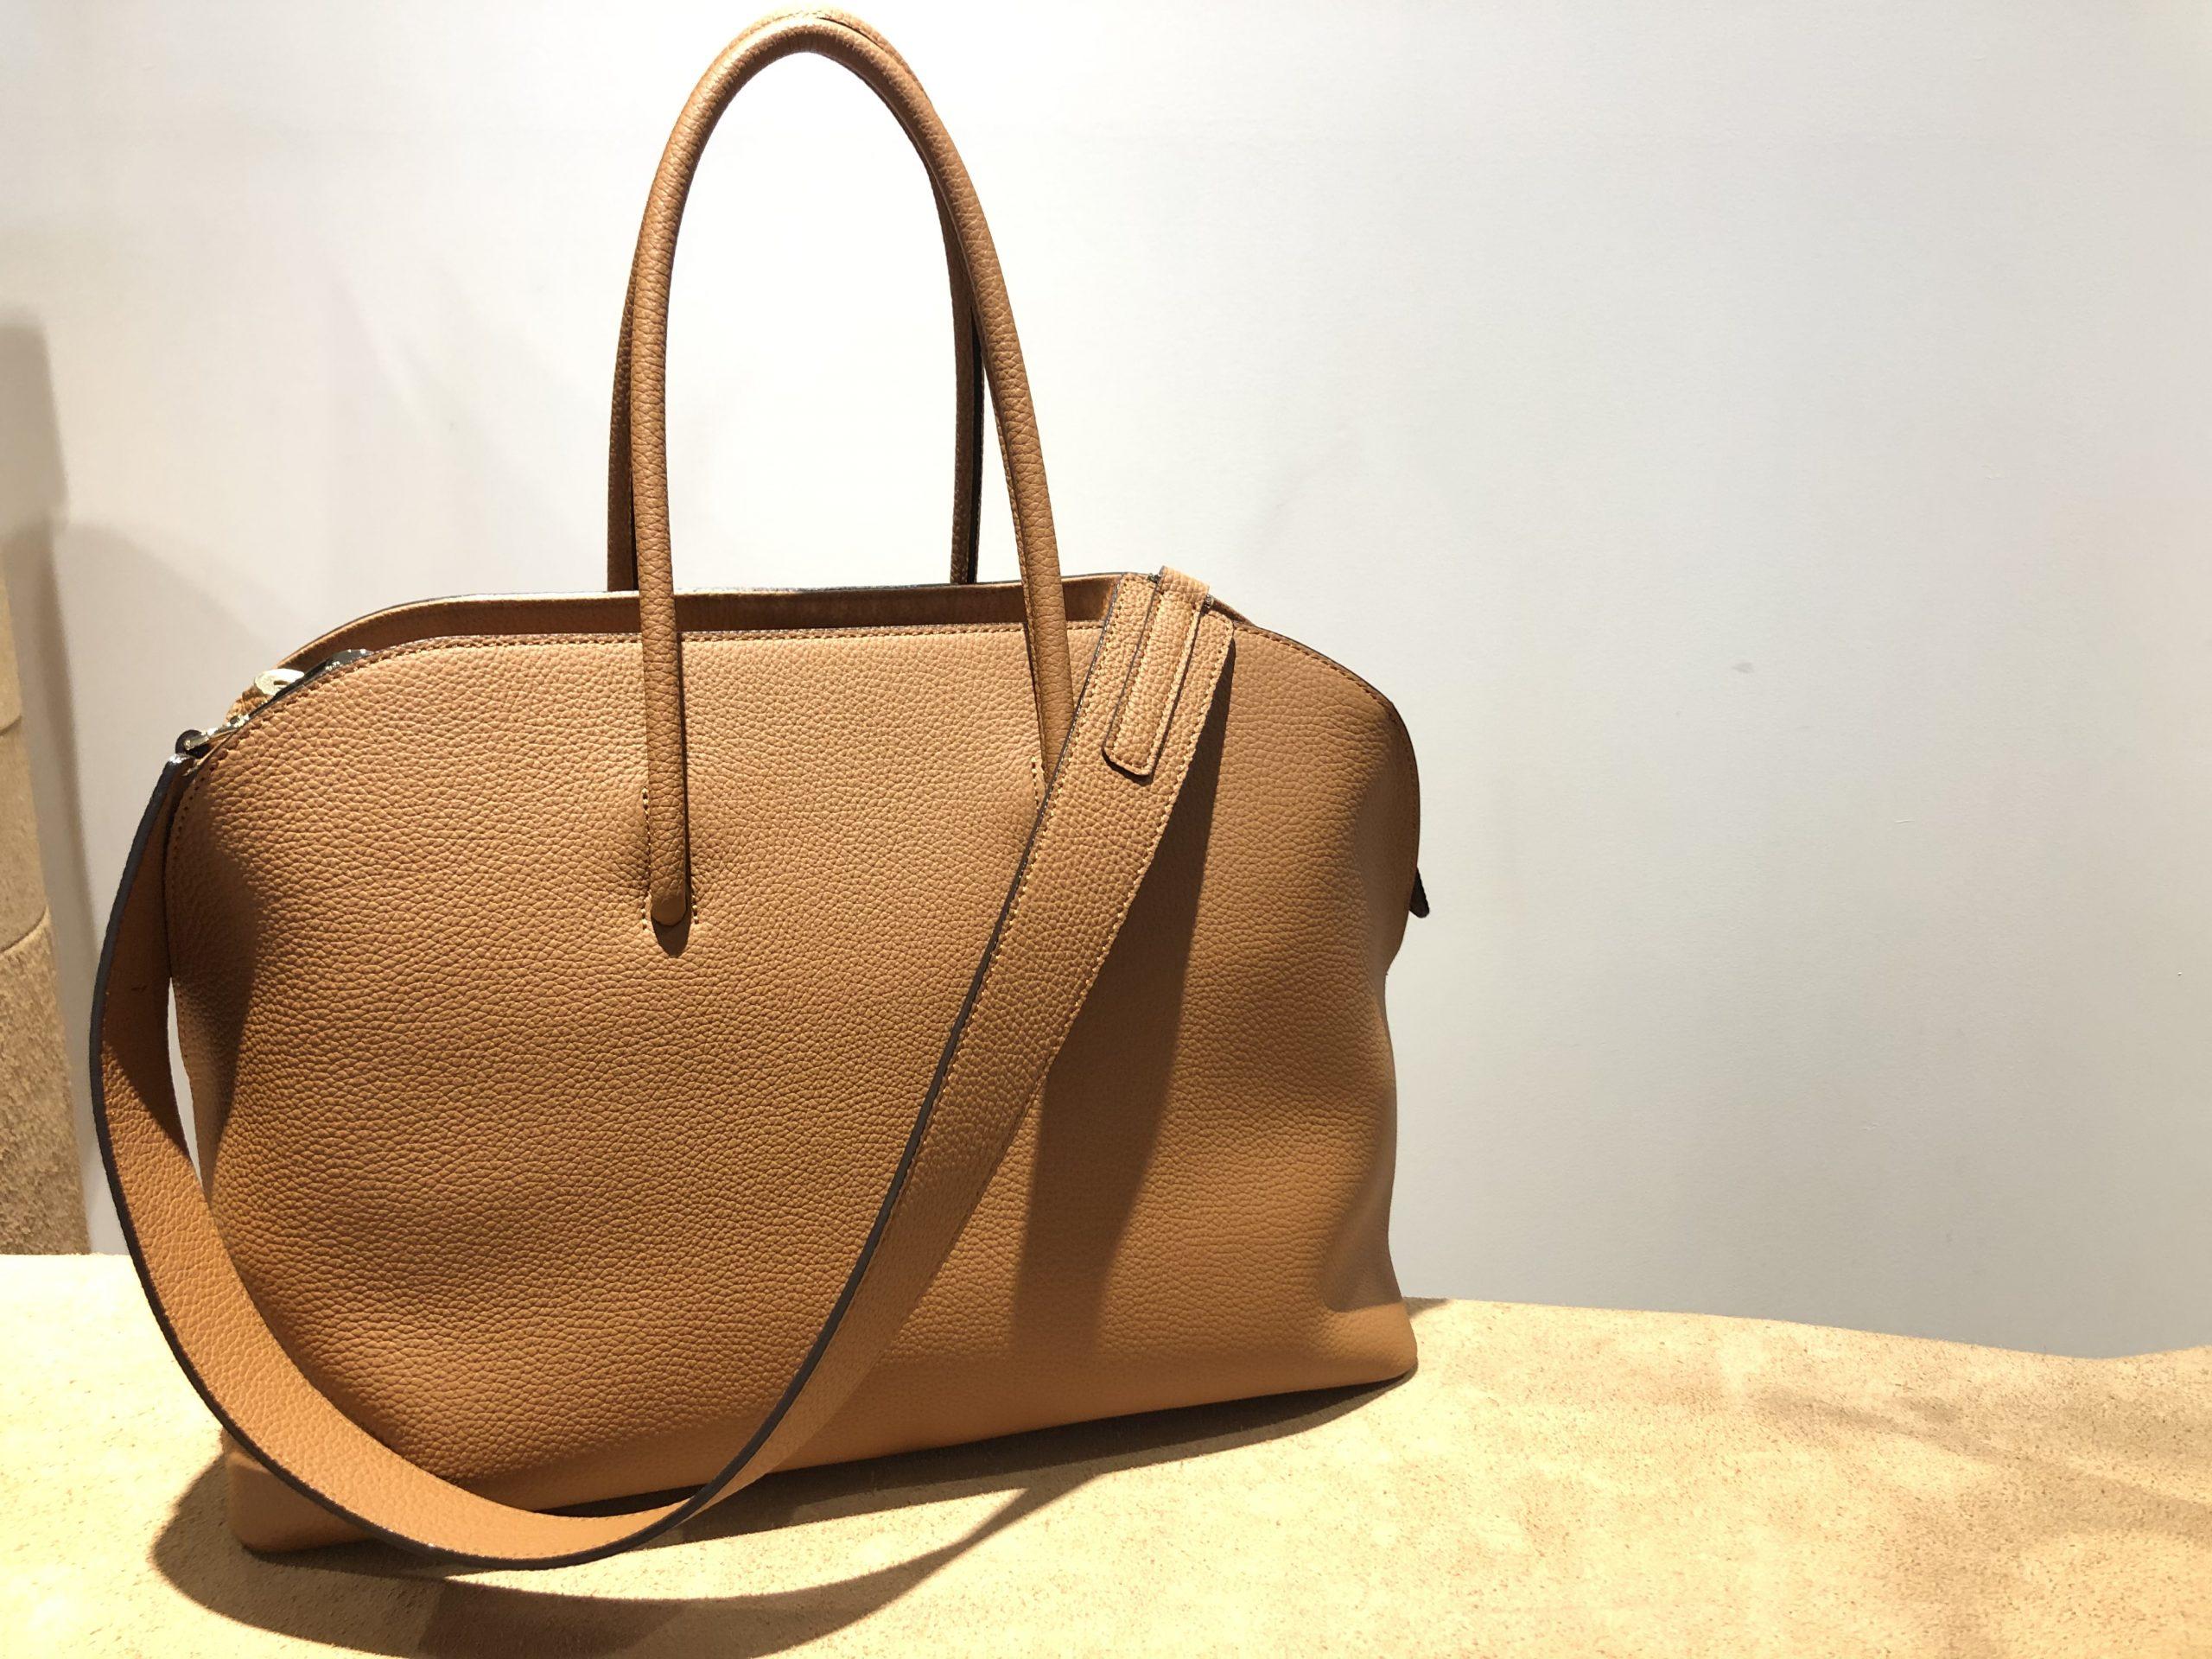 プチ旅行におすすめのバッグ